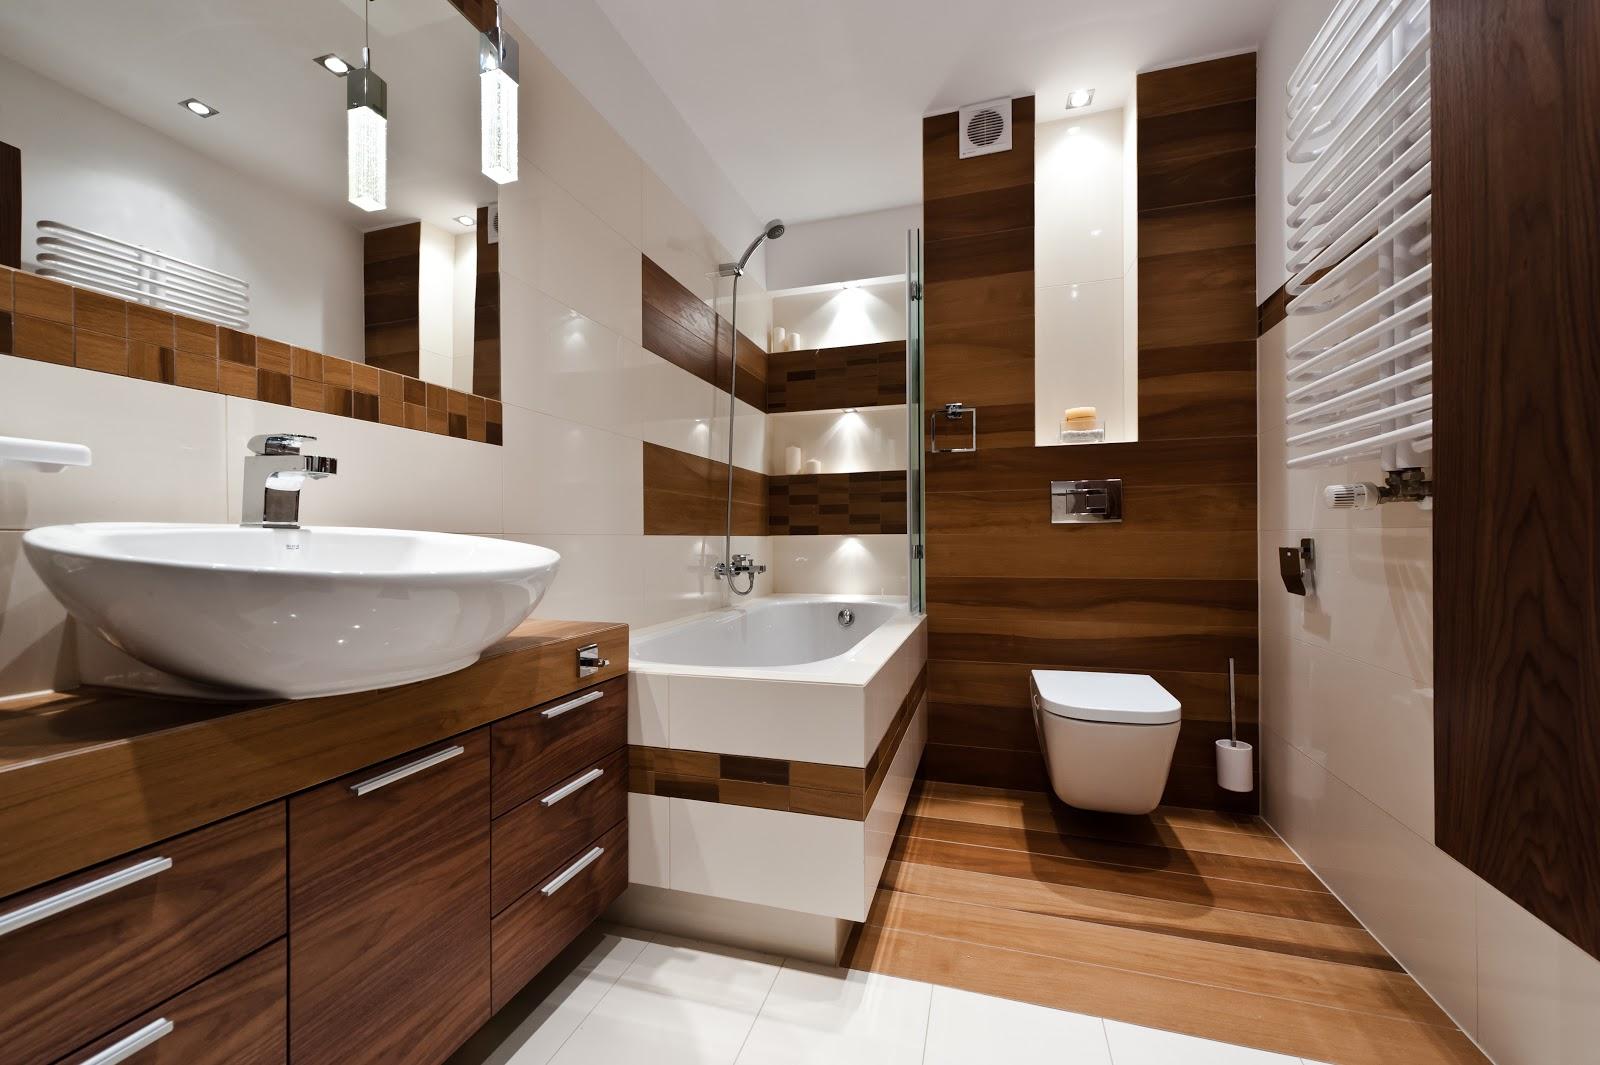 All-Design: Łazienka projekt i realizacja